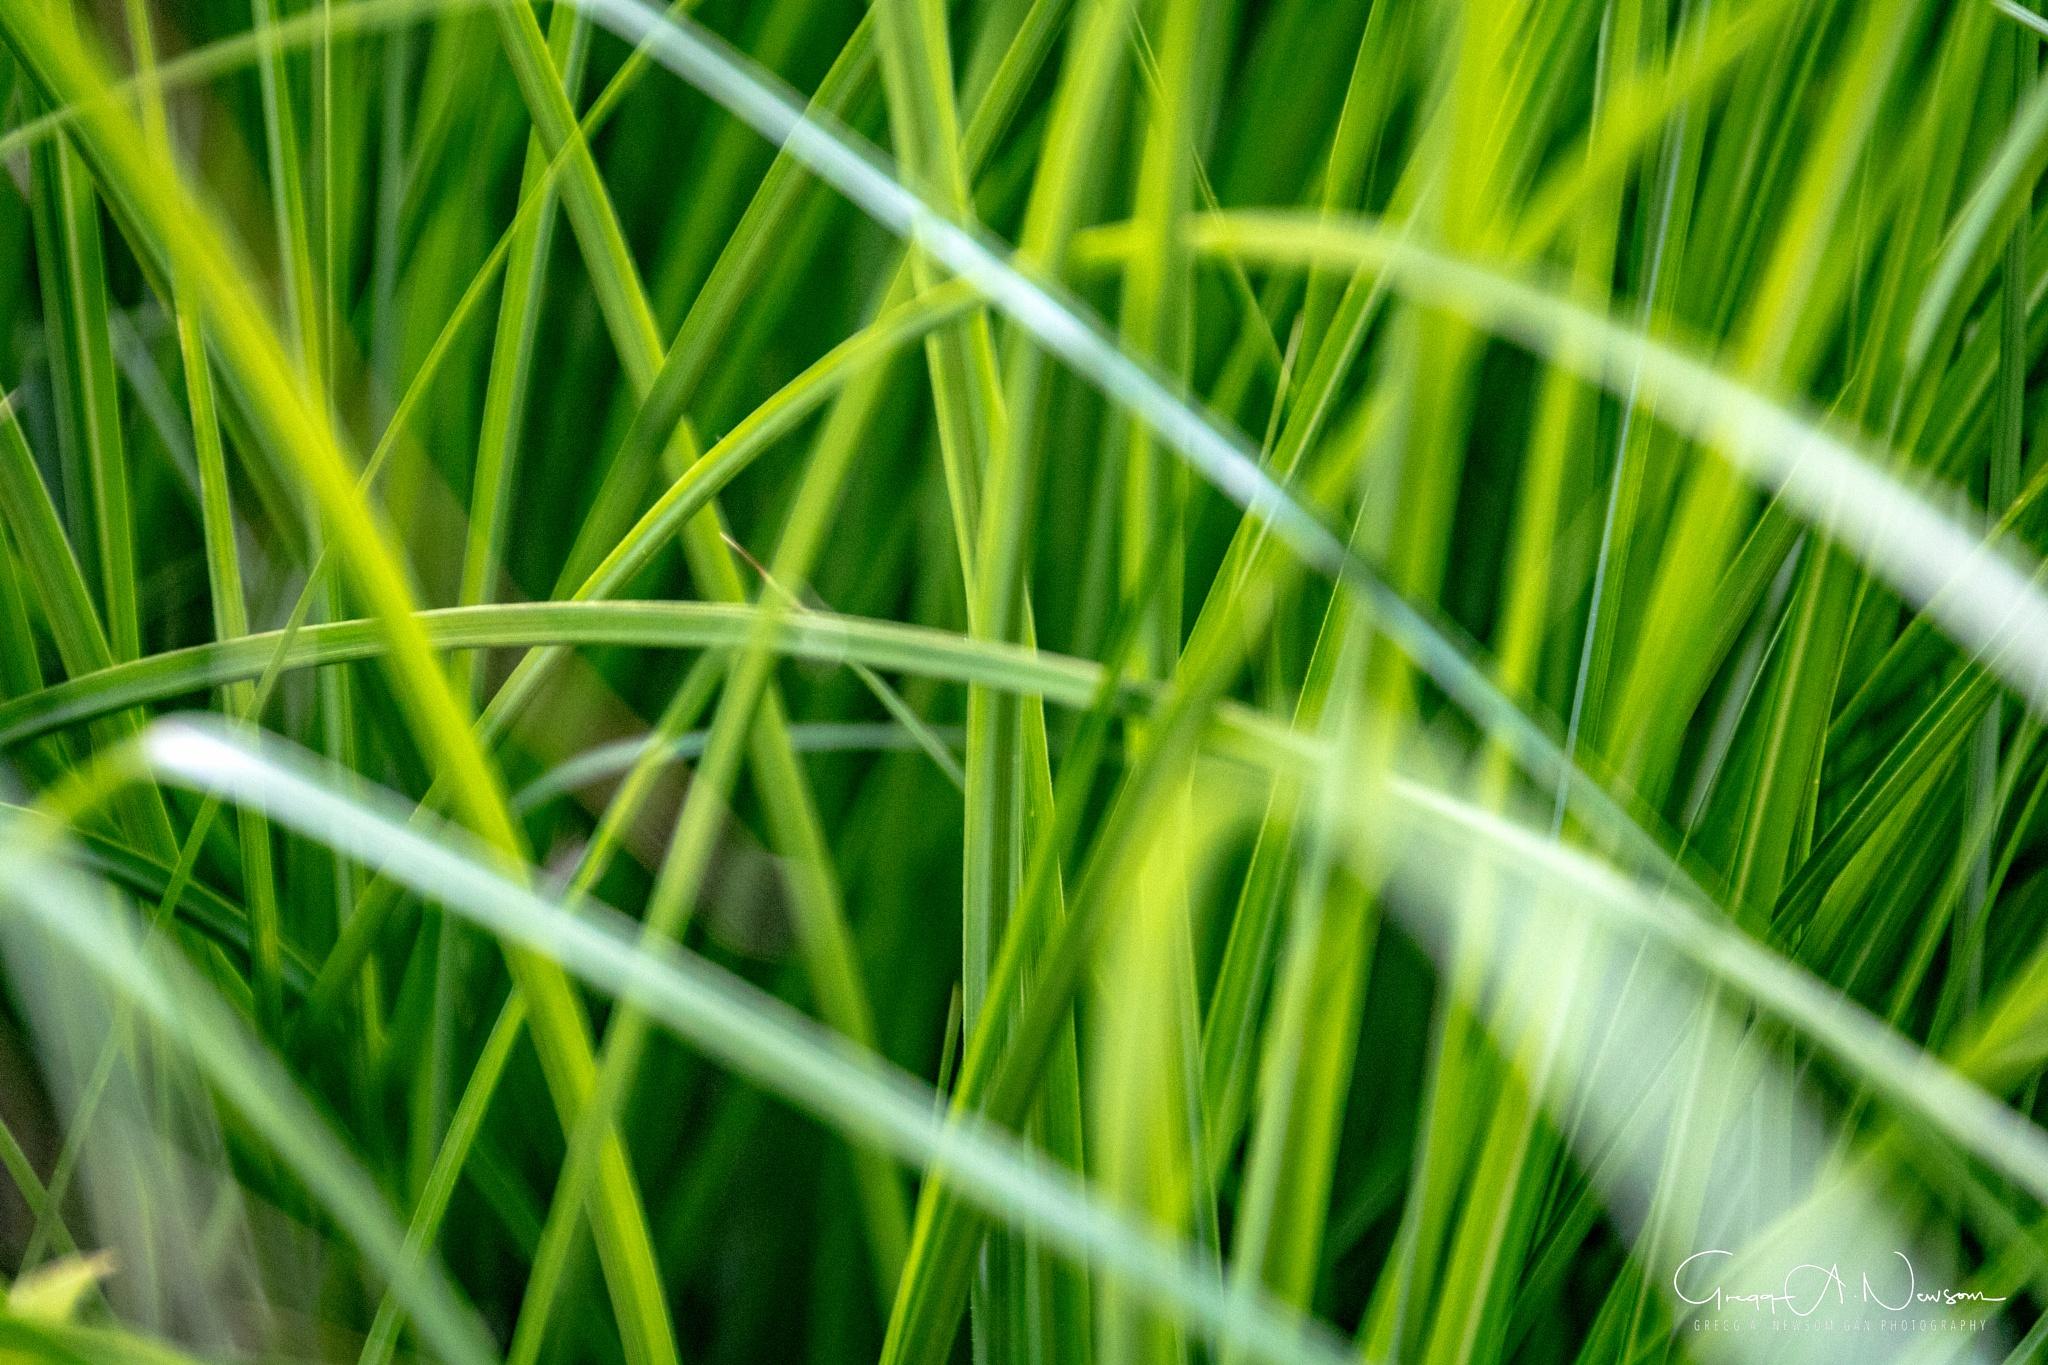 Green by Gnewsom324